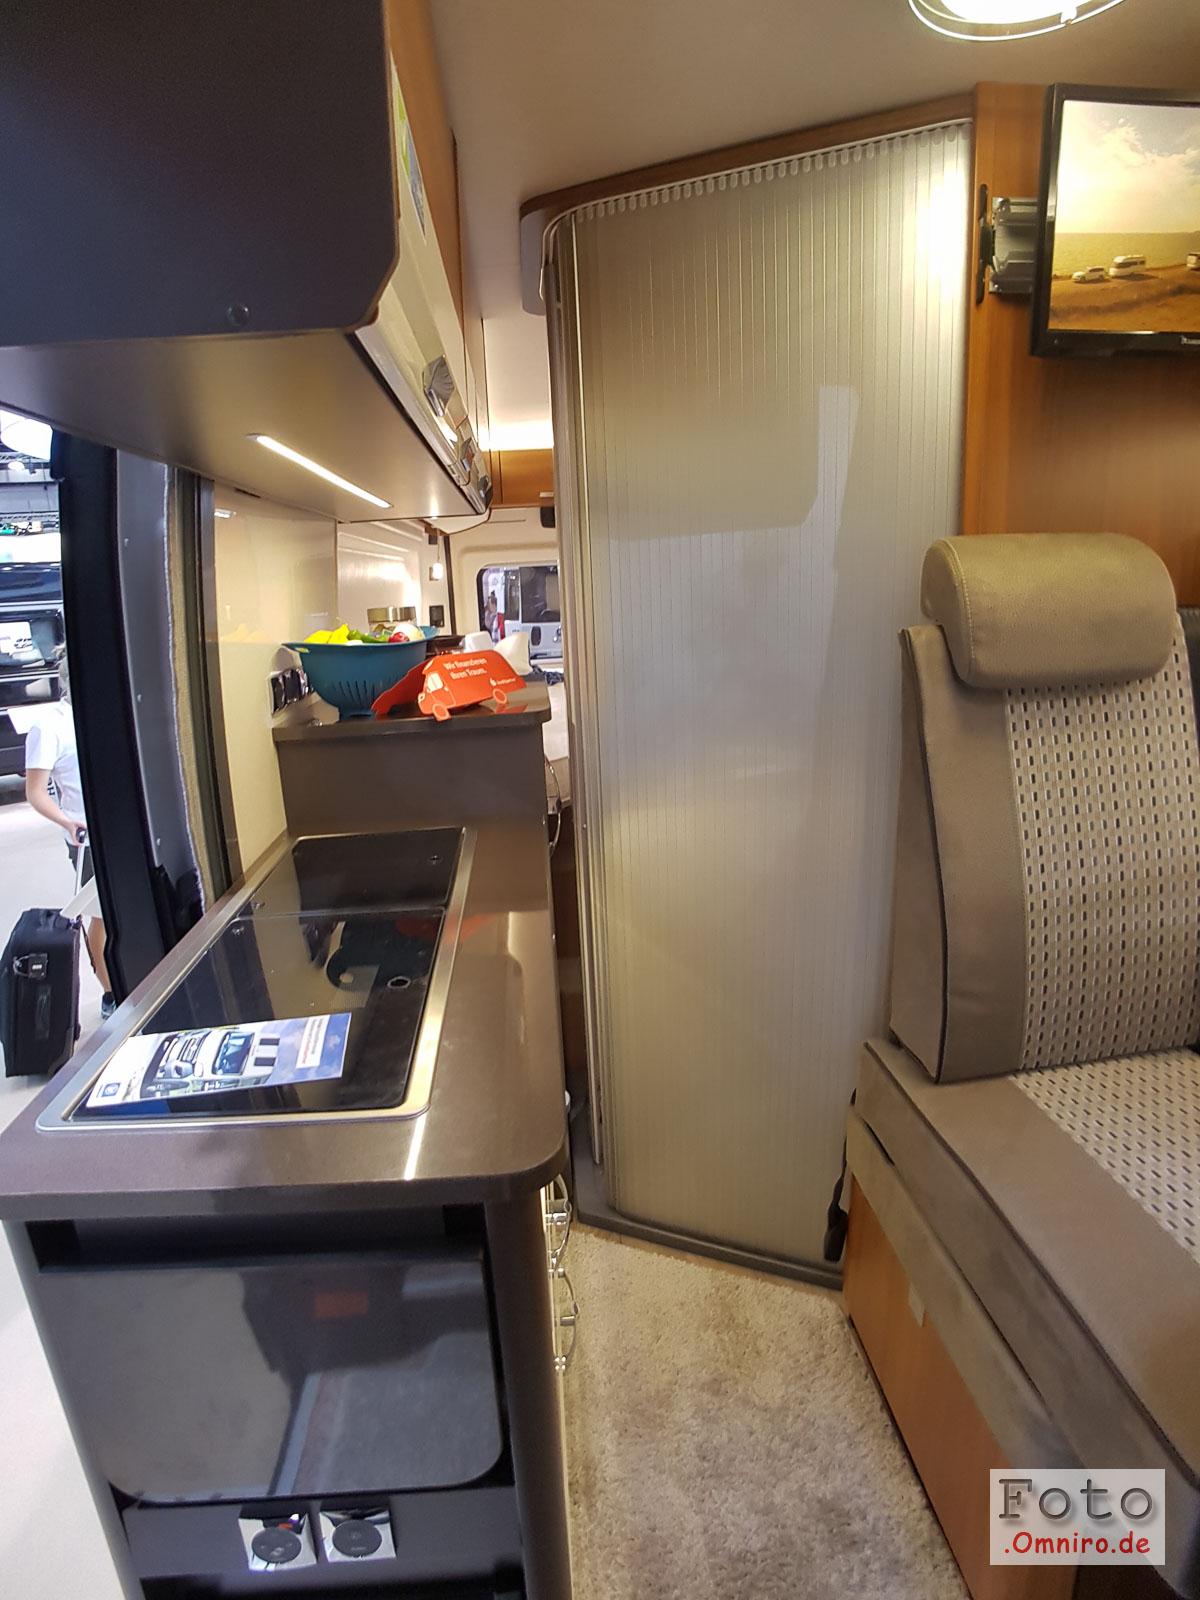 2016-08-27_16-14-16_Caravan Salon_20160827_161416-1600